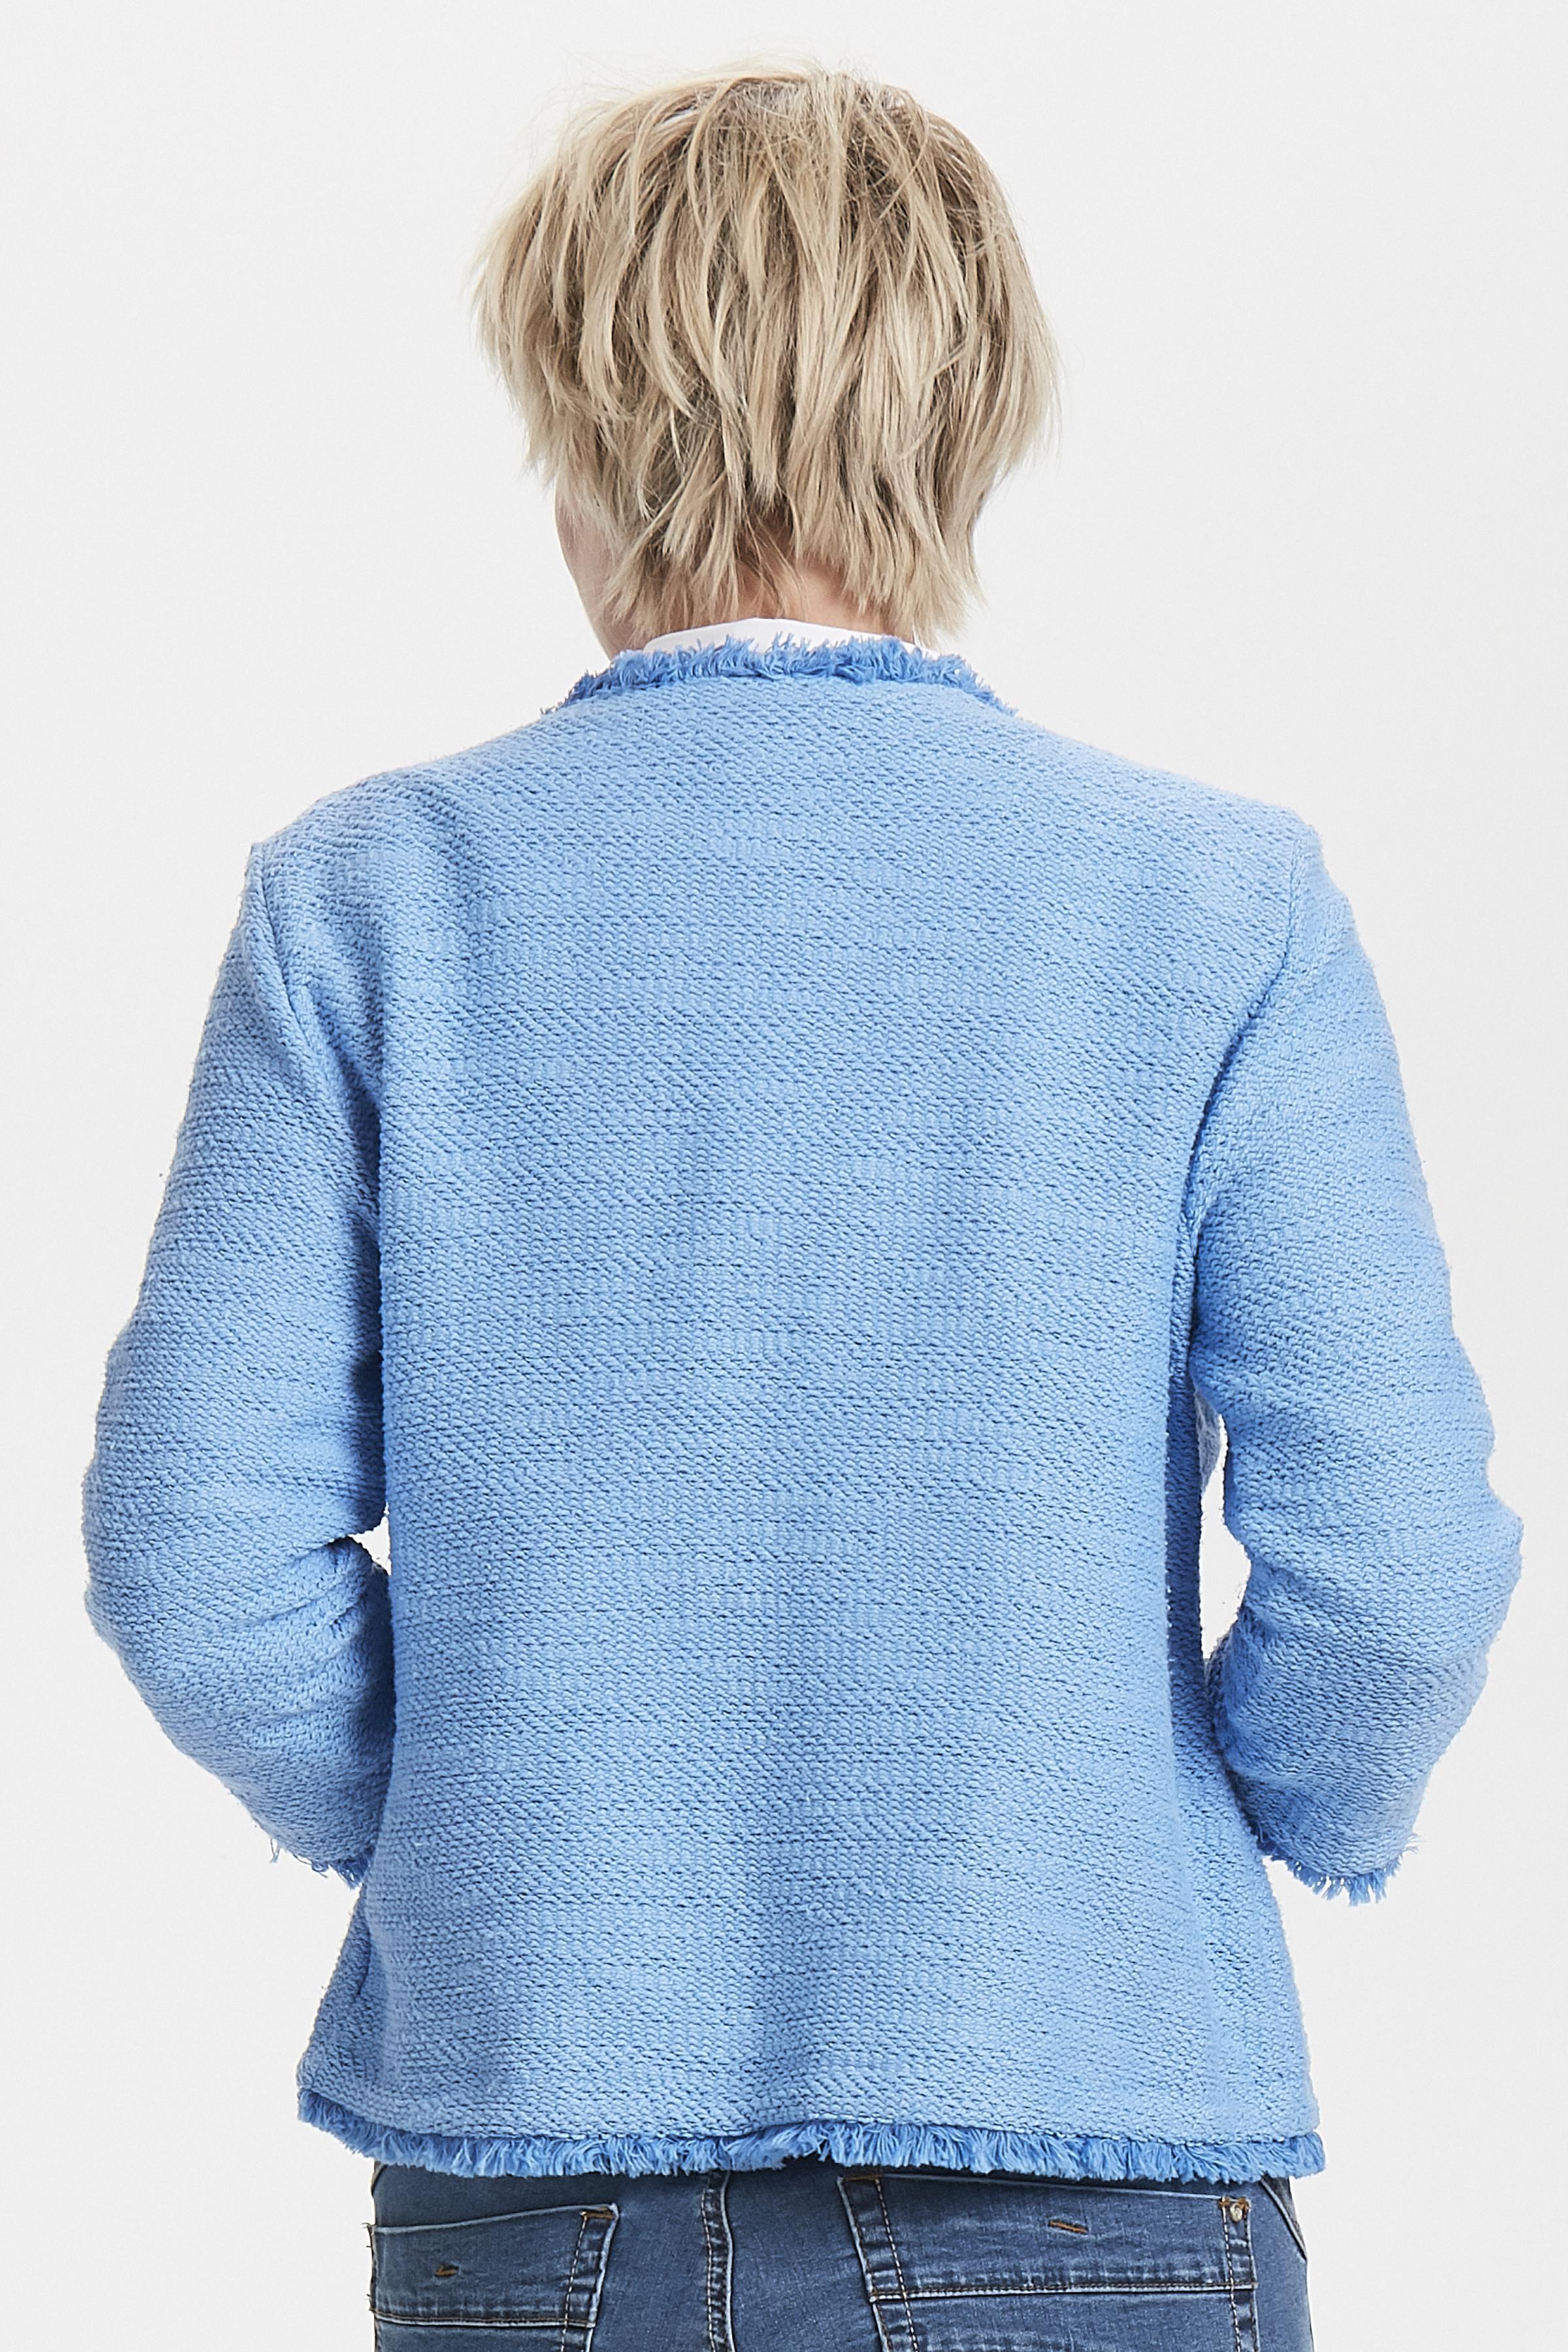 Ljusblå Cardigan från Cream – Köp Ljusblå Cardigan från stl. XS-XXL här